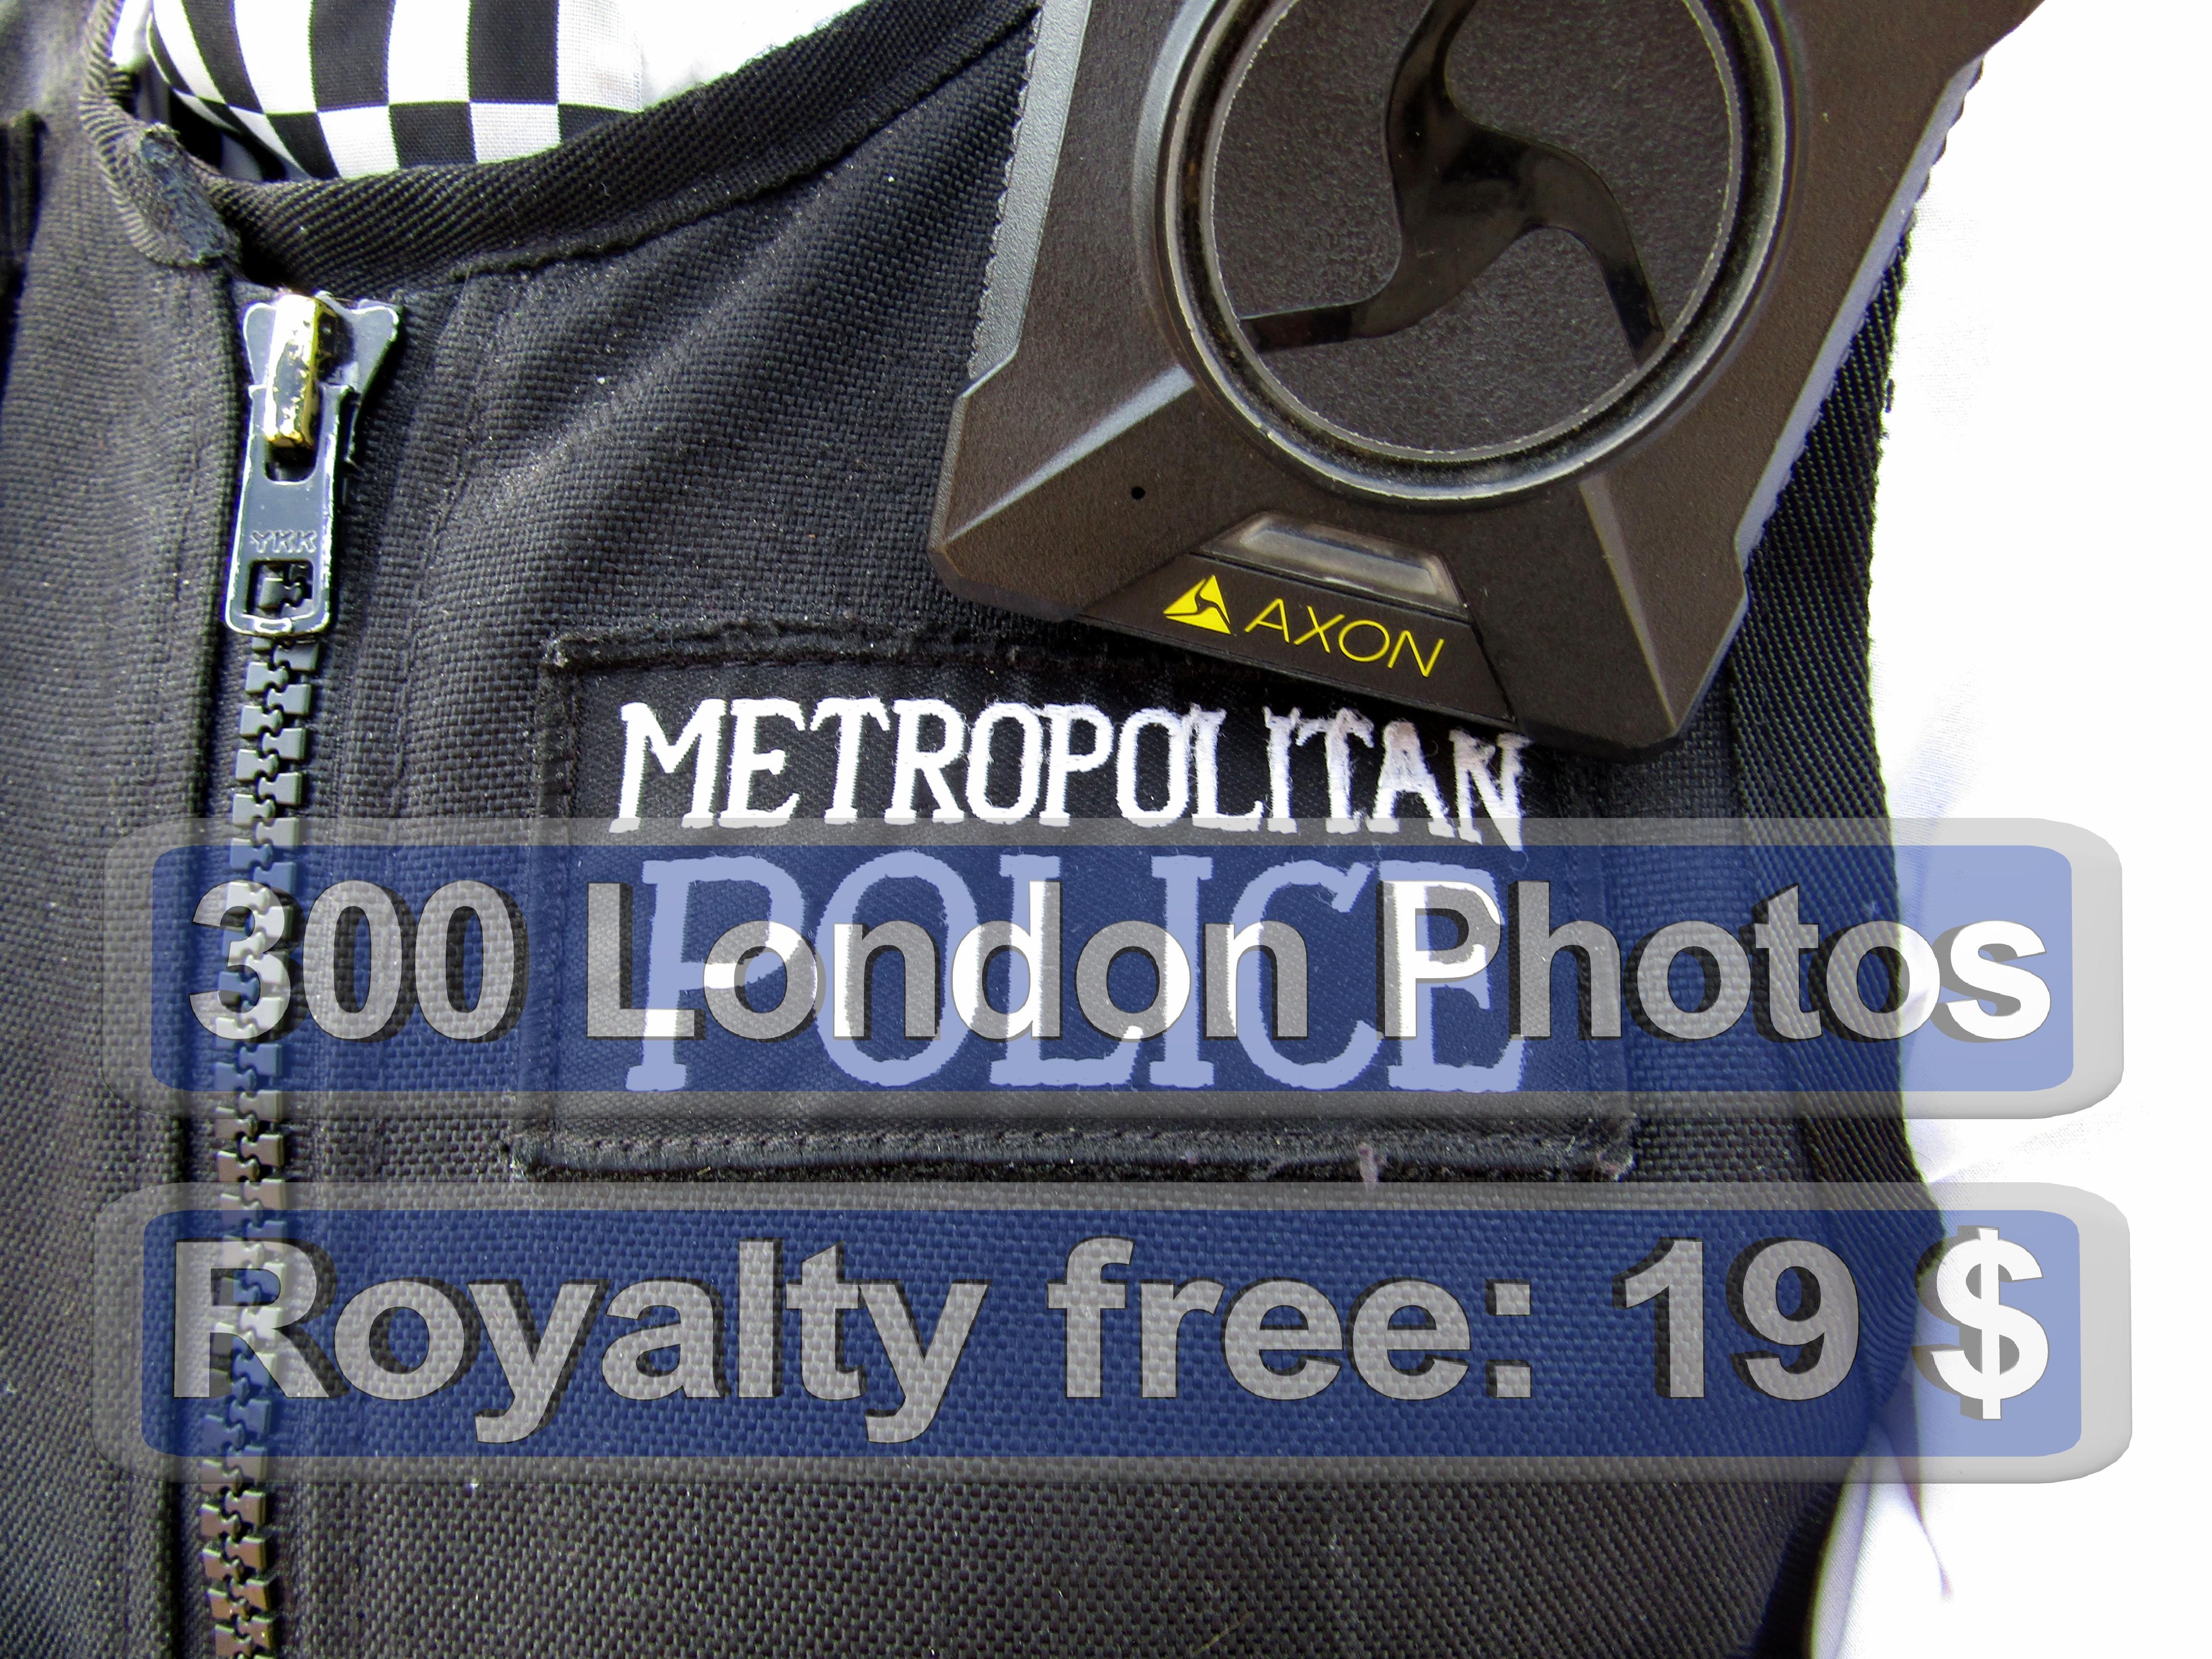 London Photo Card